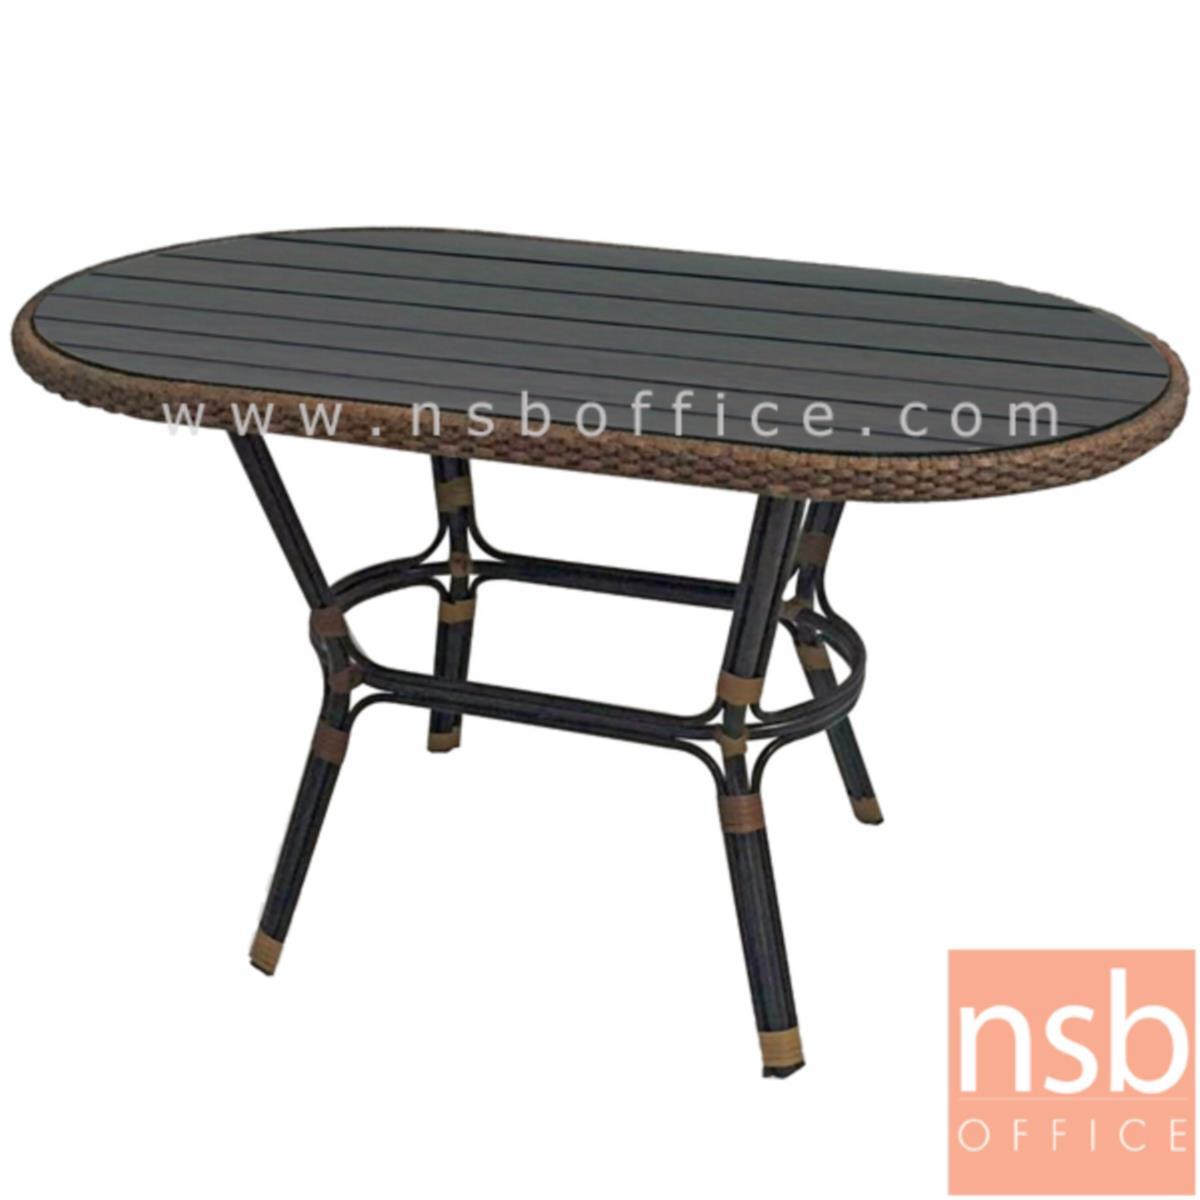 โต๊ะหวายสานหน้าวงรี 130W*75D cm. หน้าไม้โพลีวูด รุ่น B-279 สีน้ำตาล